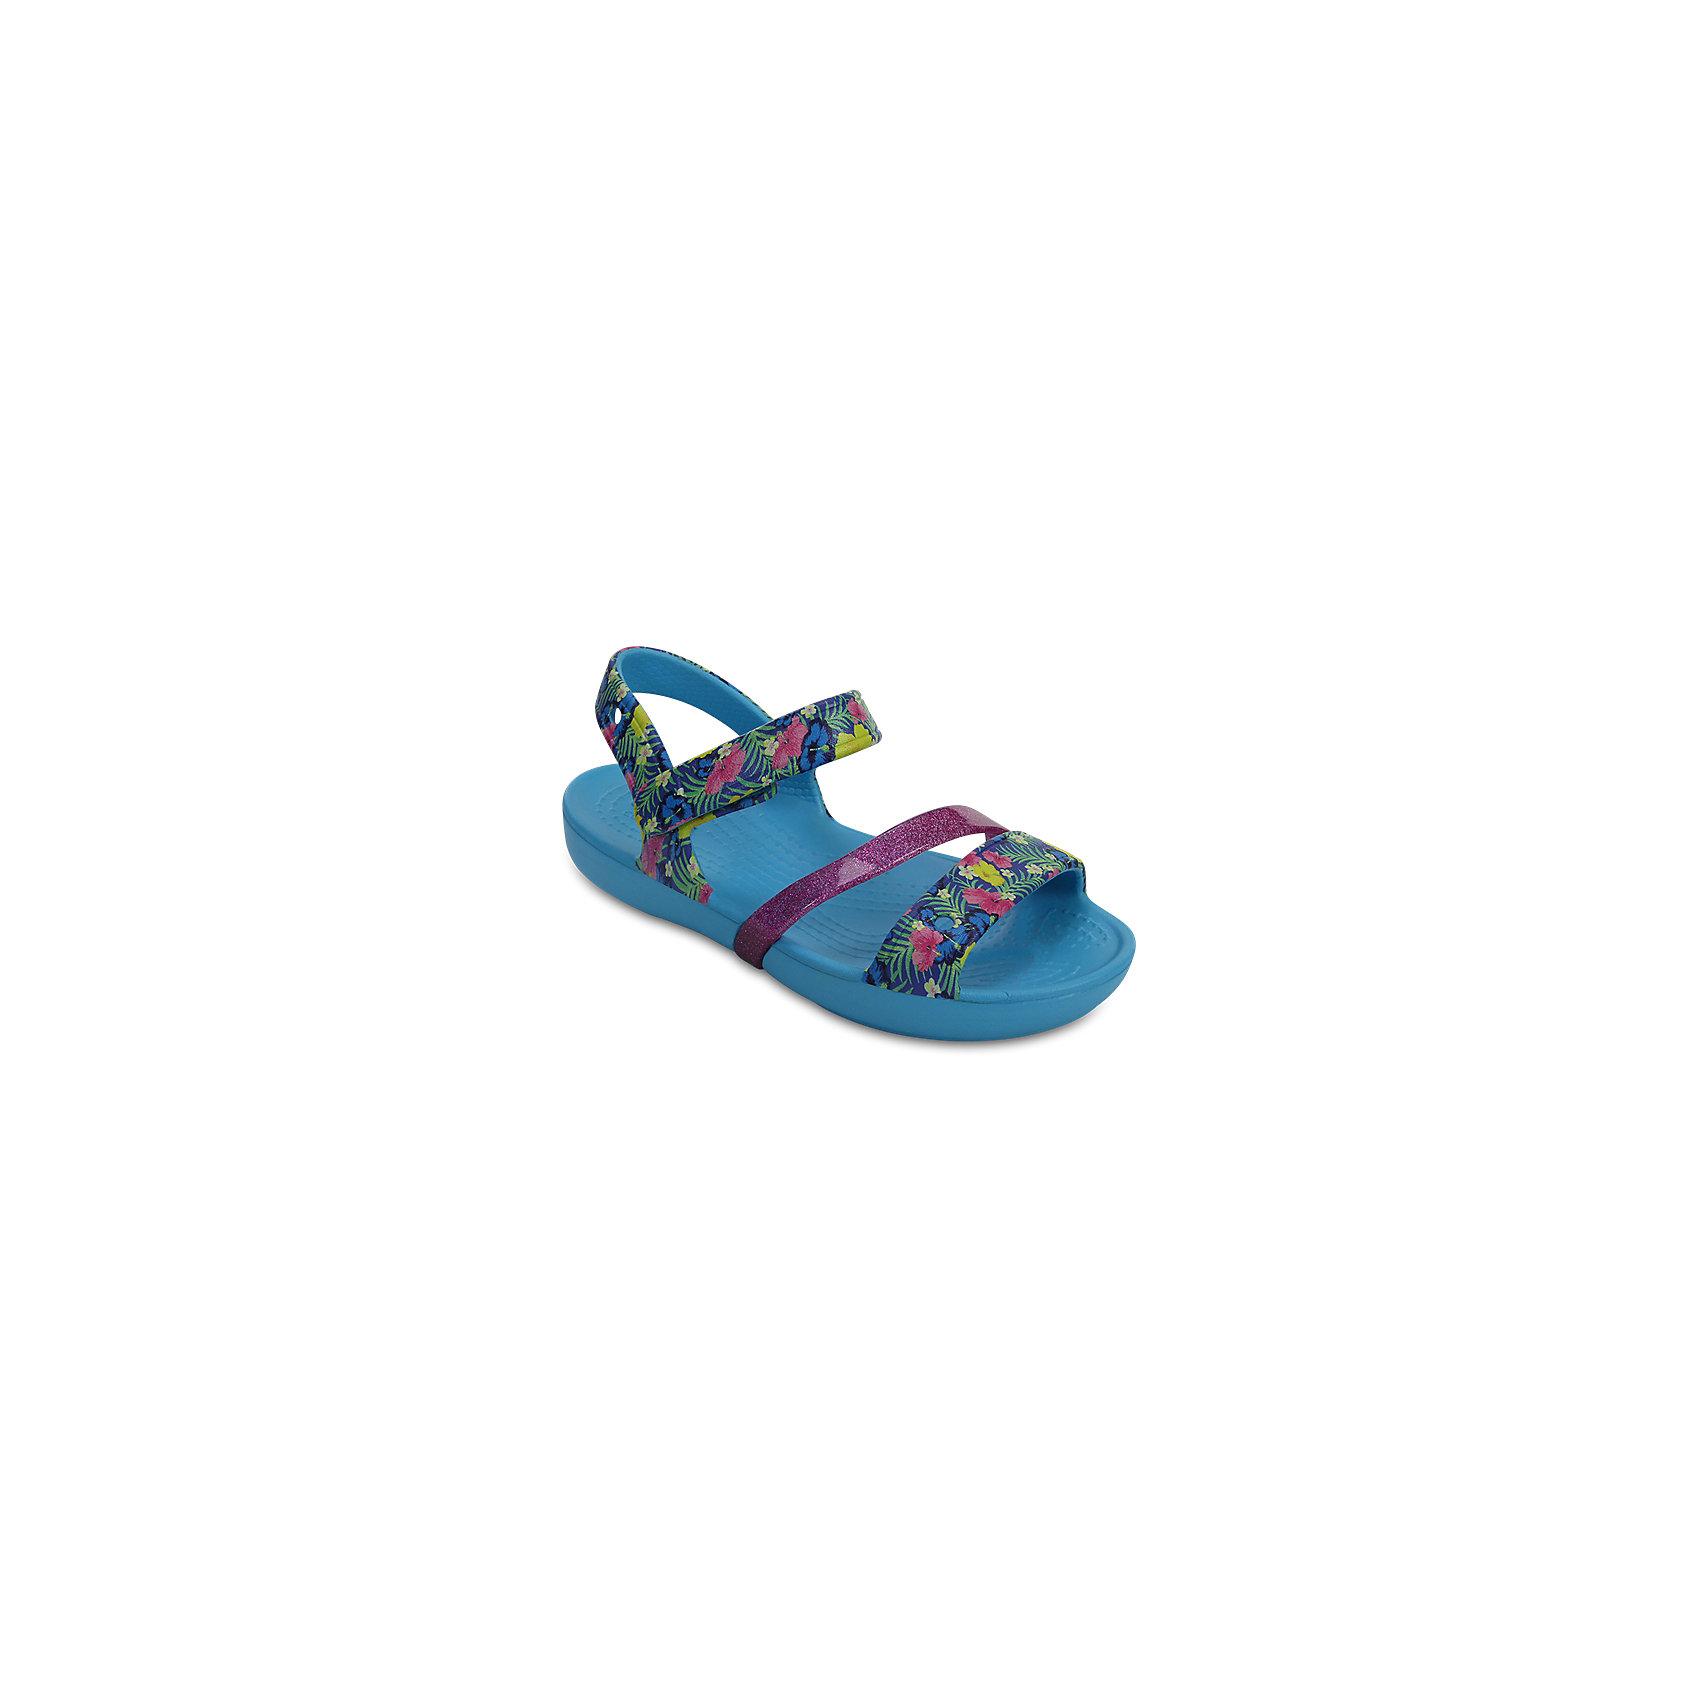 Босоножки LINA SANDAL CrocsПляжная обувь<br>Характеристики товара:<br><br>• цвет: голубой<br>• сезон: лето<br>• материал: 100% полимер Croslite™<br>• литая модель<br>• бактериостатичный материал<br>• пяточный ремешок фиксирует стопу<br>• устойчивая подошва<br>• анатомическая стелька с массажными точками<br>• страна бренда: США<br>• страна изготовитель: Китай<br><br>Обувь от американского бренда Crocs завоевала широкую популярность во всем мире, и это не удивительно - ведь она невероятно удобна. <br><br>Её носят врачи, спортсмены, звёзды шоу-бизнеса, люди, которым много времени приходится бывать на ногах - они понимают, как важна комфортная обувь. <br><br>Продукция Crocs - это качественные товары, созданные с применением новейших технологий. Обувь отличается стильным дизайном и продуманной конструкцией. <br><br>Изделие производится из качественных и проверенных материалов, которые безопасны для детей.<br><br>Сандалии LINA SANDAL от торговой марки Crocs можно купить в нашем интернет-магазине.<br><br>Ширина мм: 219<br>Глубина мм: 154<br>Высота мм: 121<br>Вес г: 343<br>Цвет: голубой<br>Возраст от месяцев: 18<br>Возраст до месяцев: 21<br>Пол: Женский<br>Возраст: Детский<br>Размер: 23,24,25,26,31/32,33/34,34/35,29,30,21,27,22,28<br>SKU: 5416892